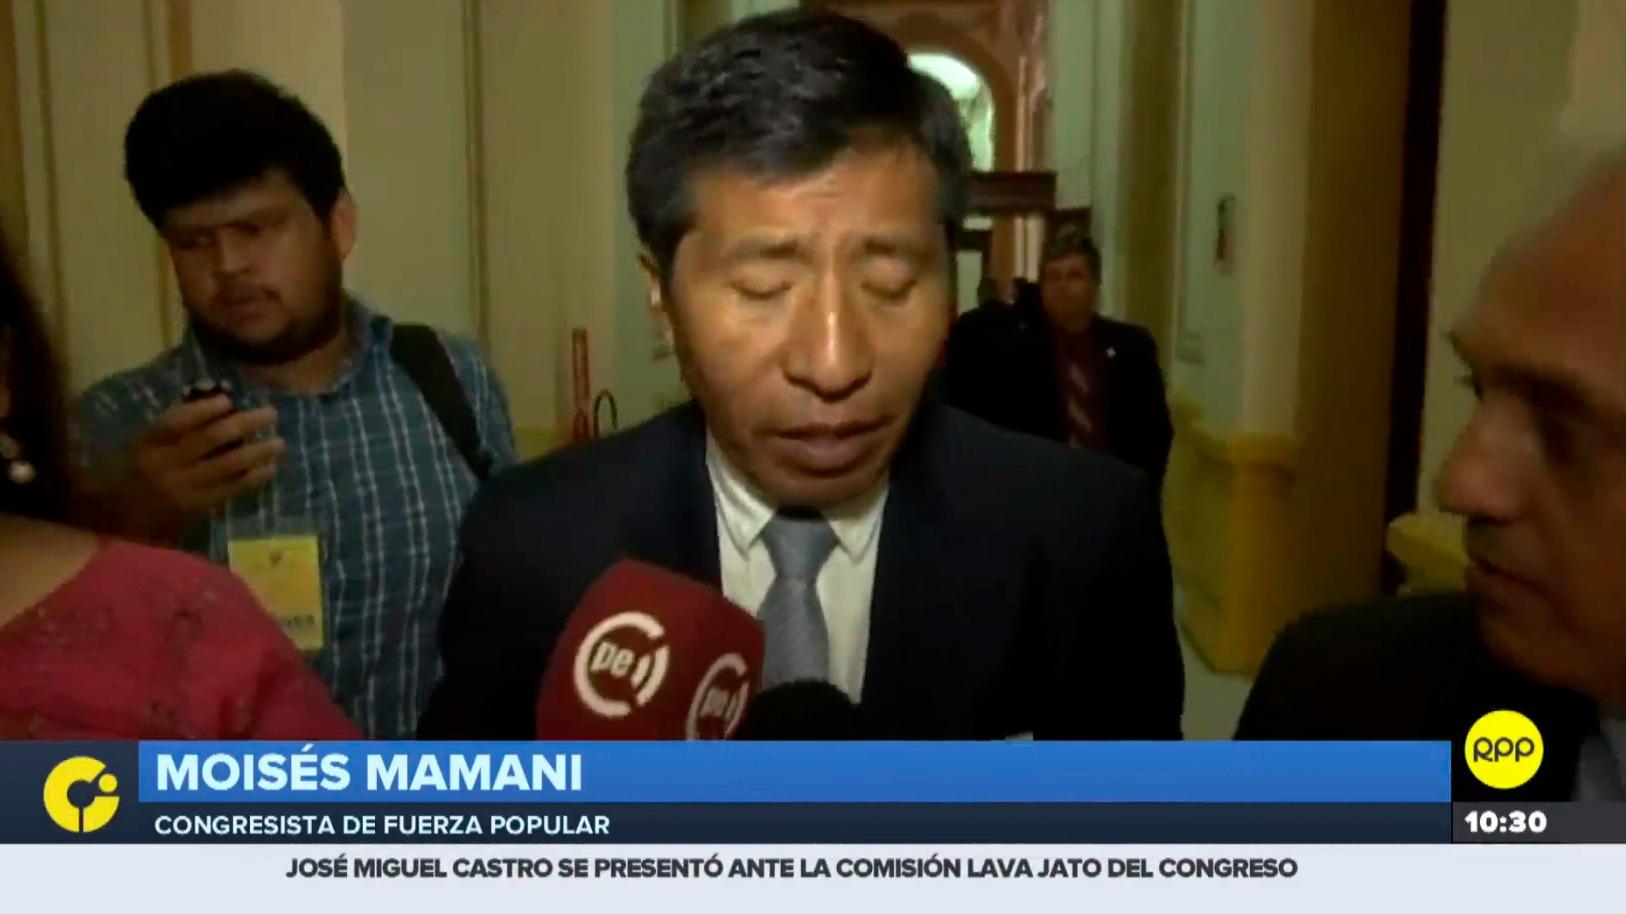 Moisés Mamani reiteró que entregó los videos originales a la Fiscalía